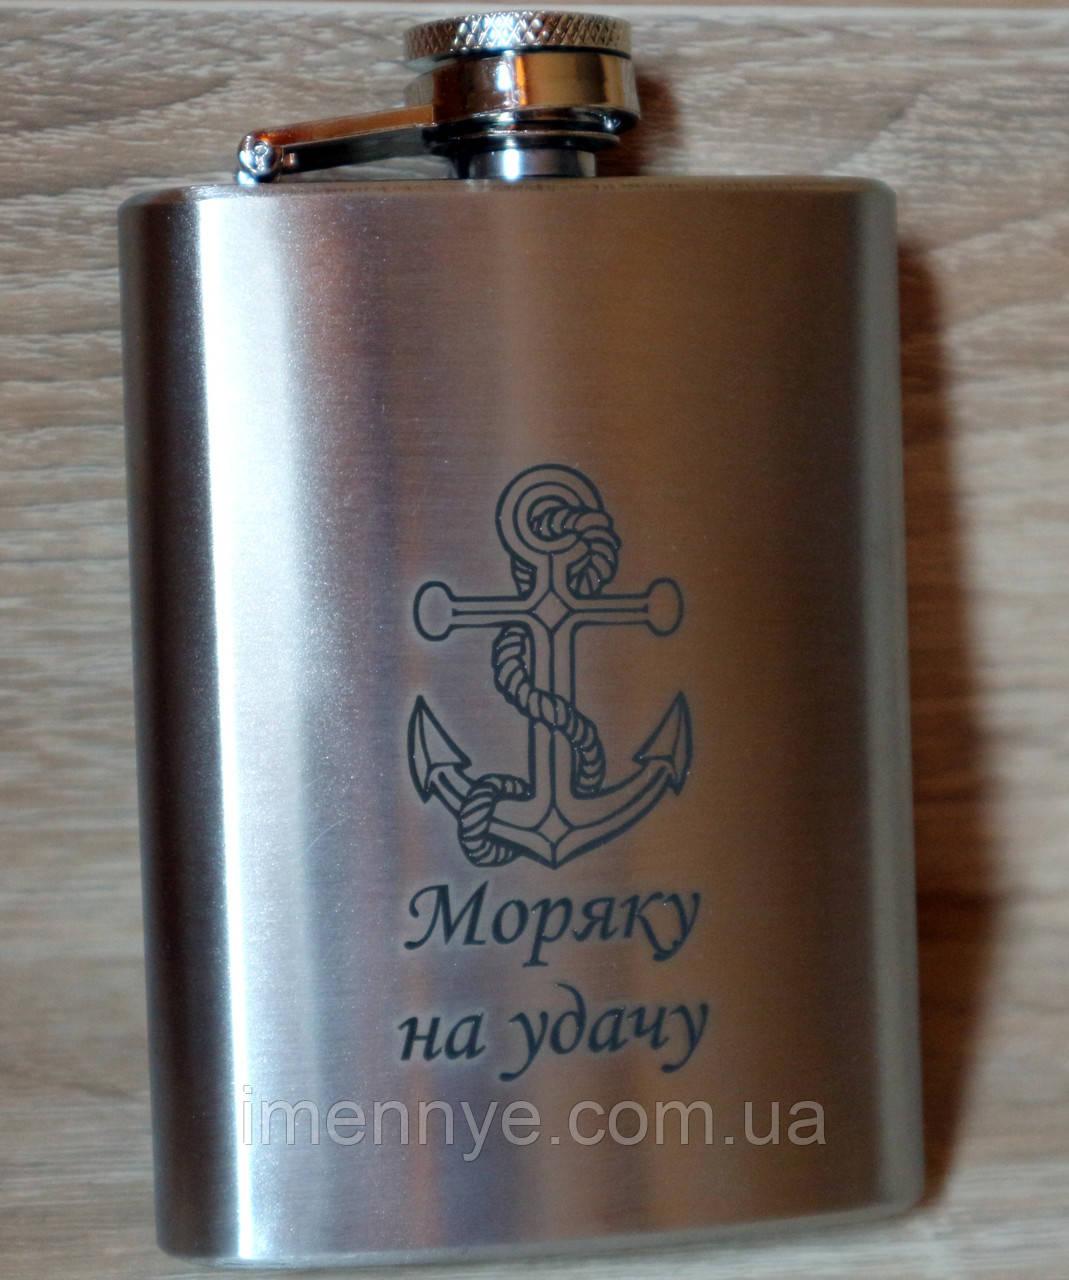 Красивая фляжка для моряка